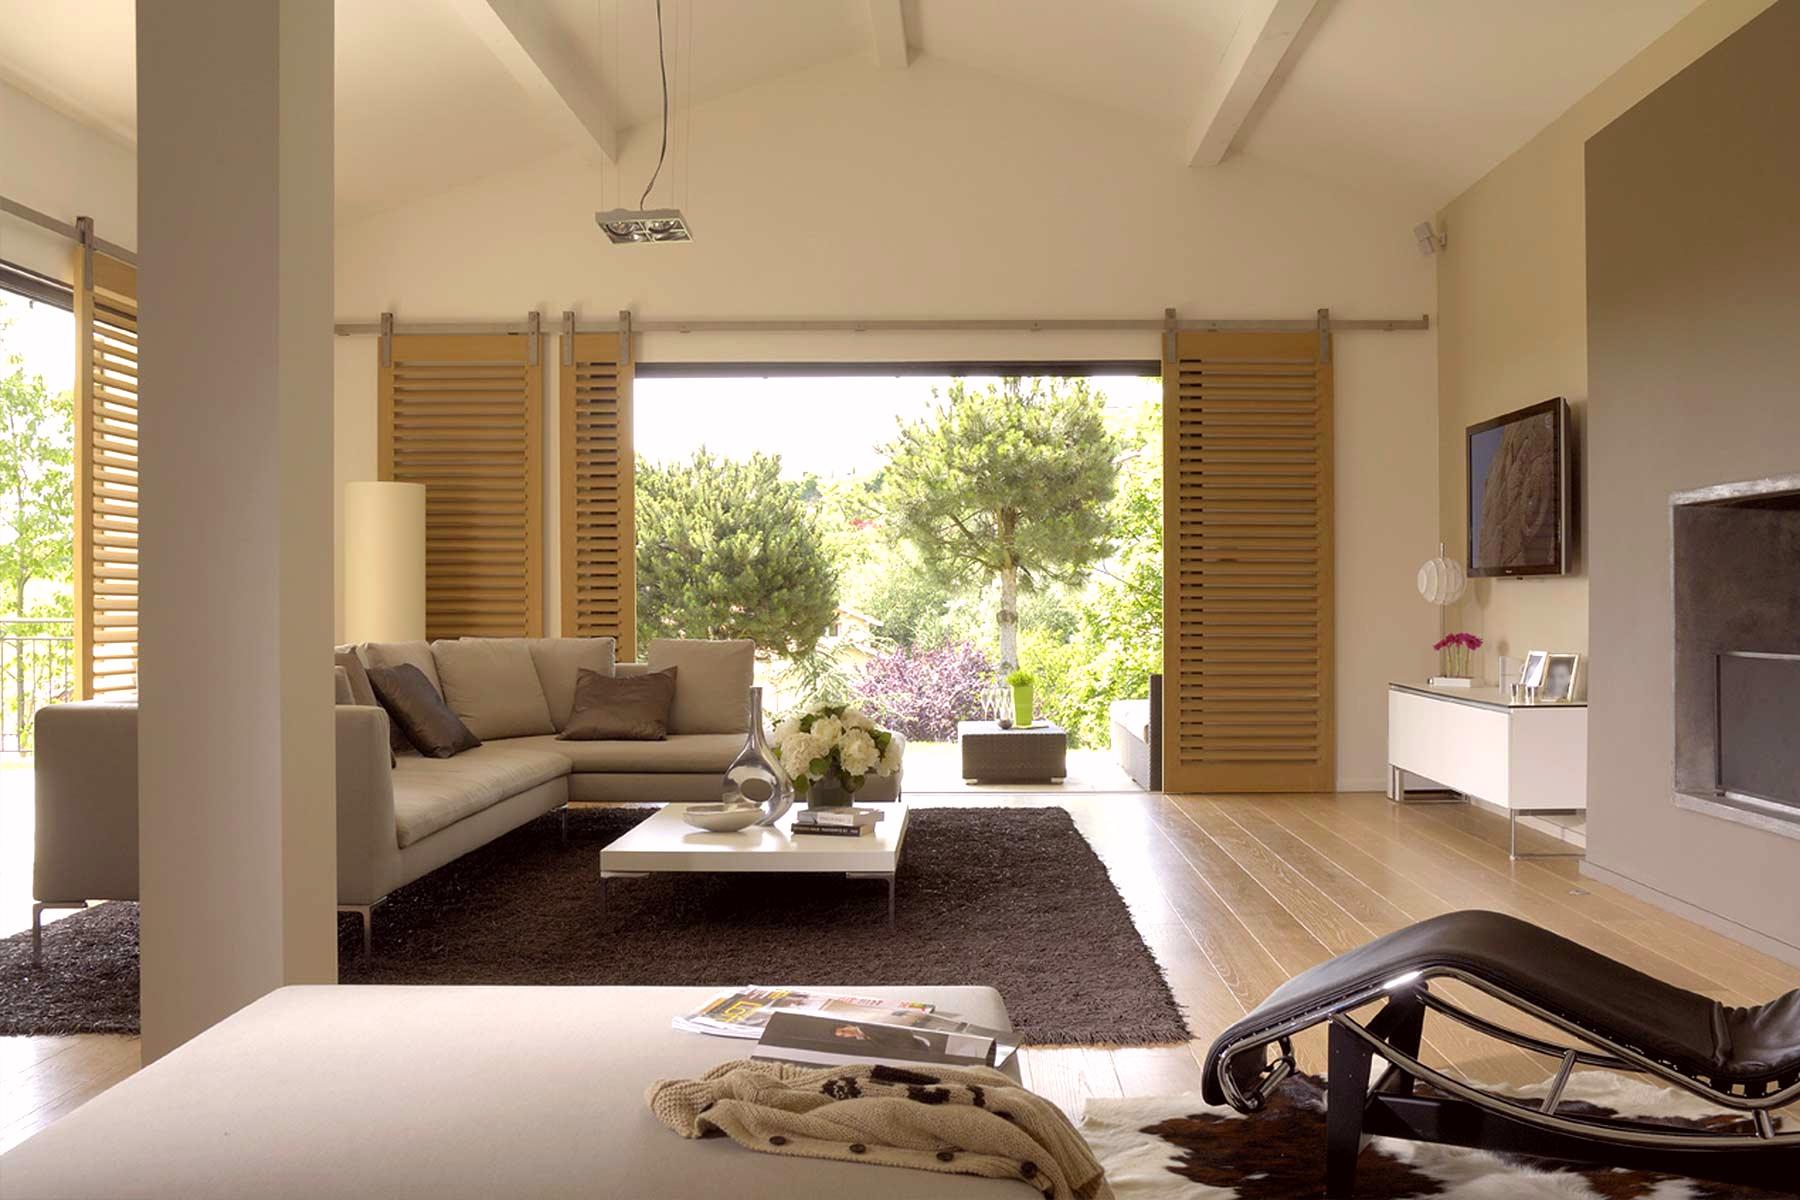 Idee de decoration maison interieur